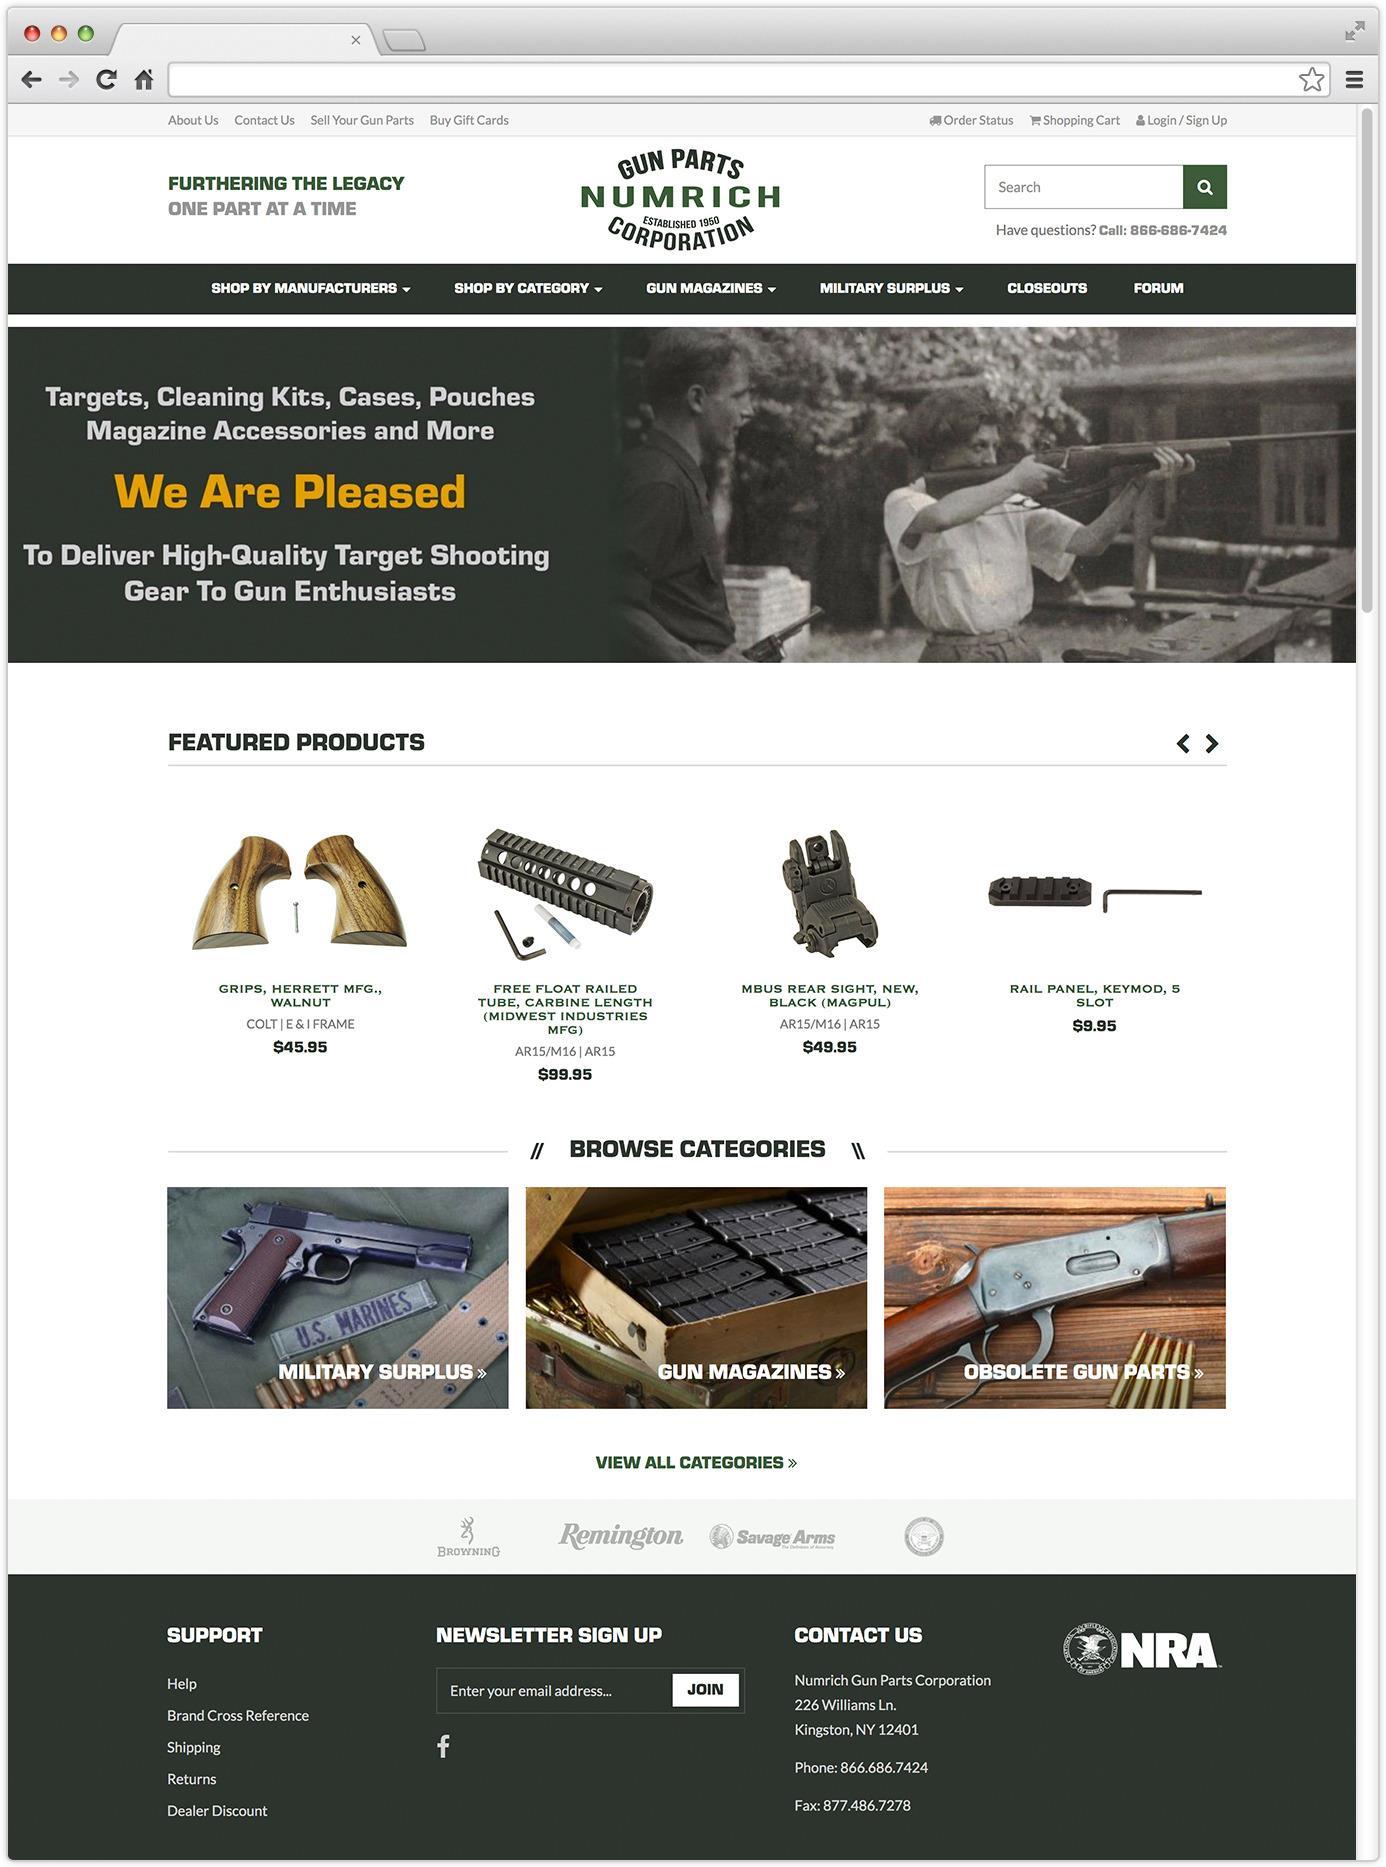 Numrich Gun Parts Corporation